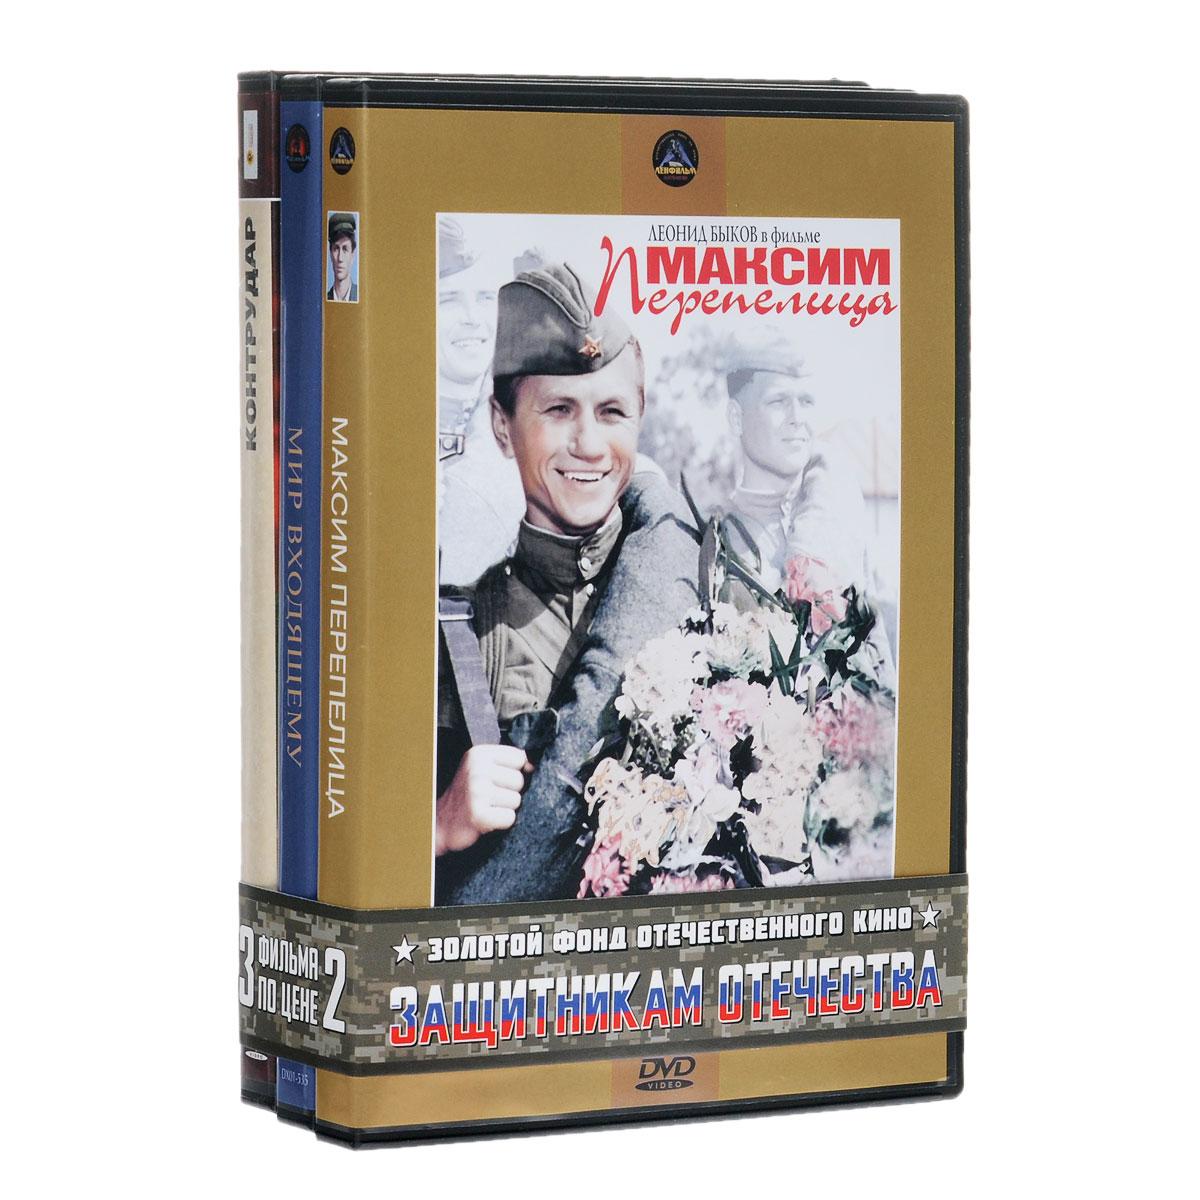 3=2 Защитникам отечества: Контрудар / Максим Перепелица / Мир входящему (3 DVD)